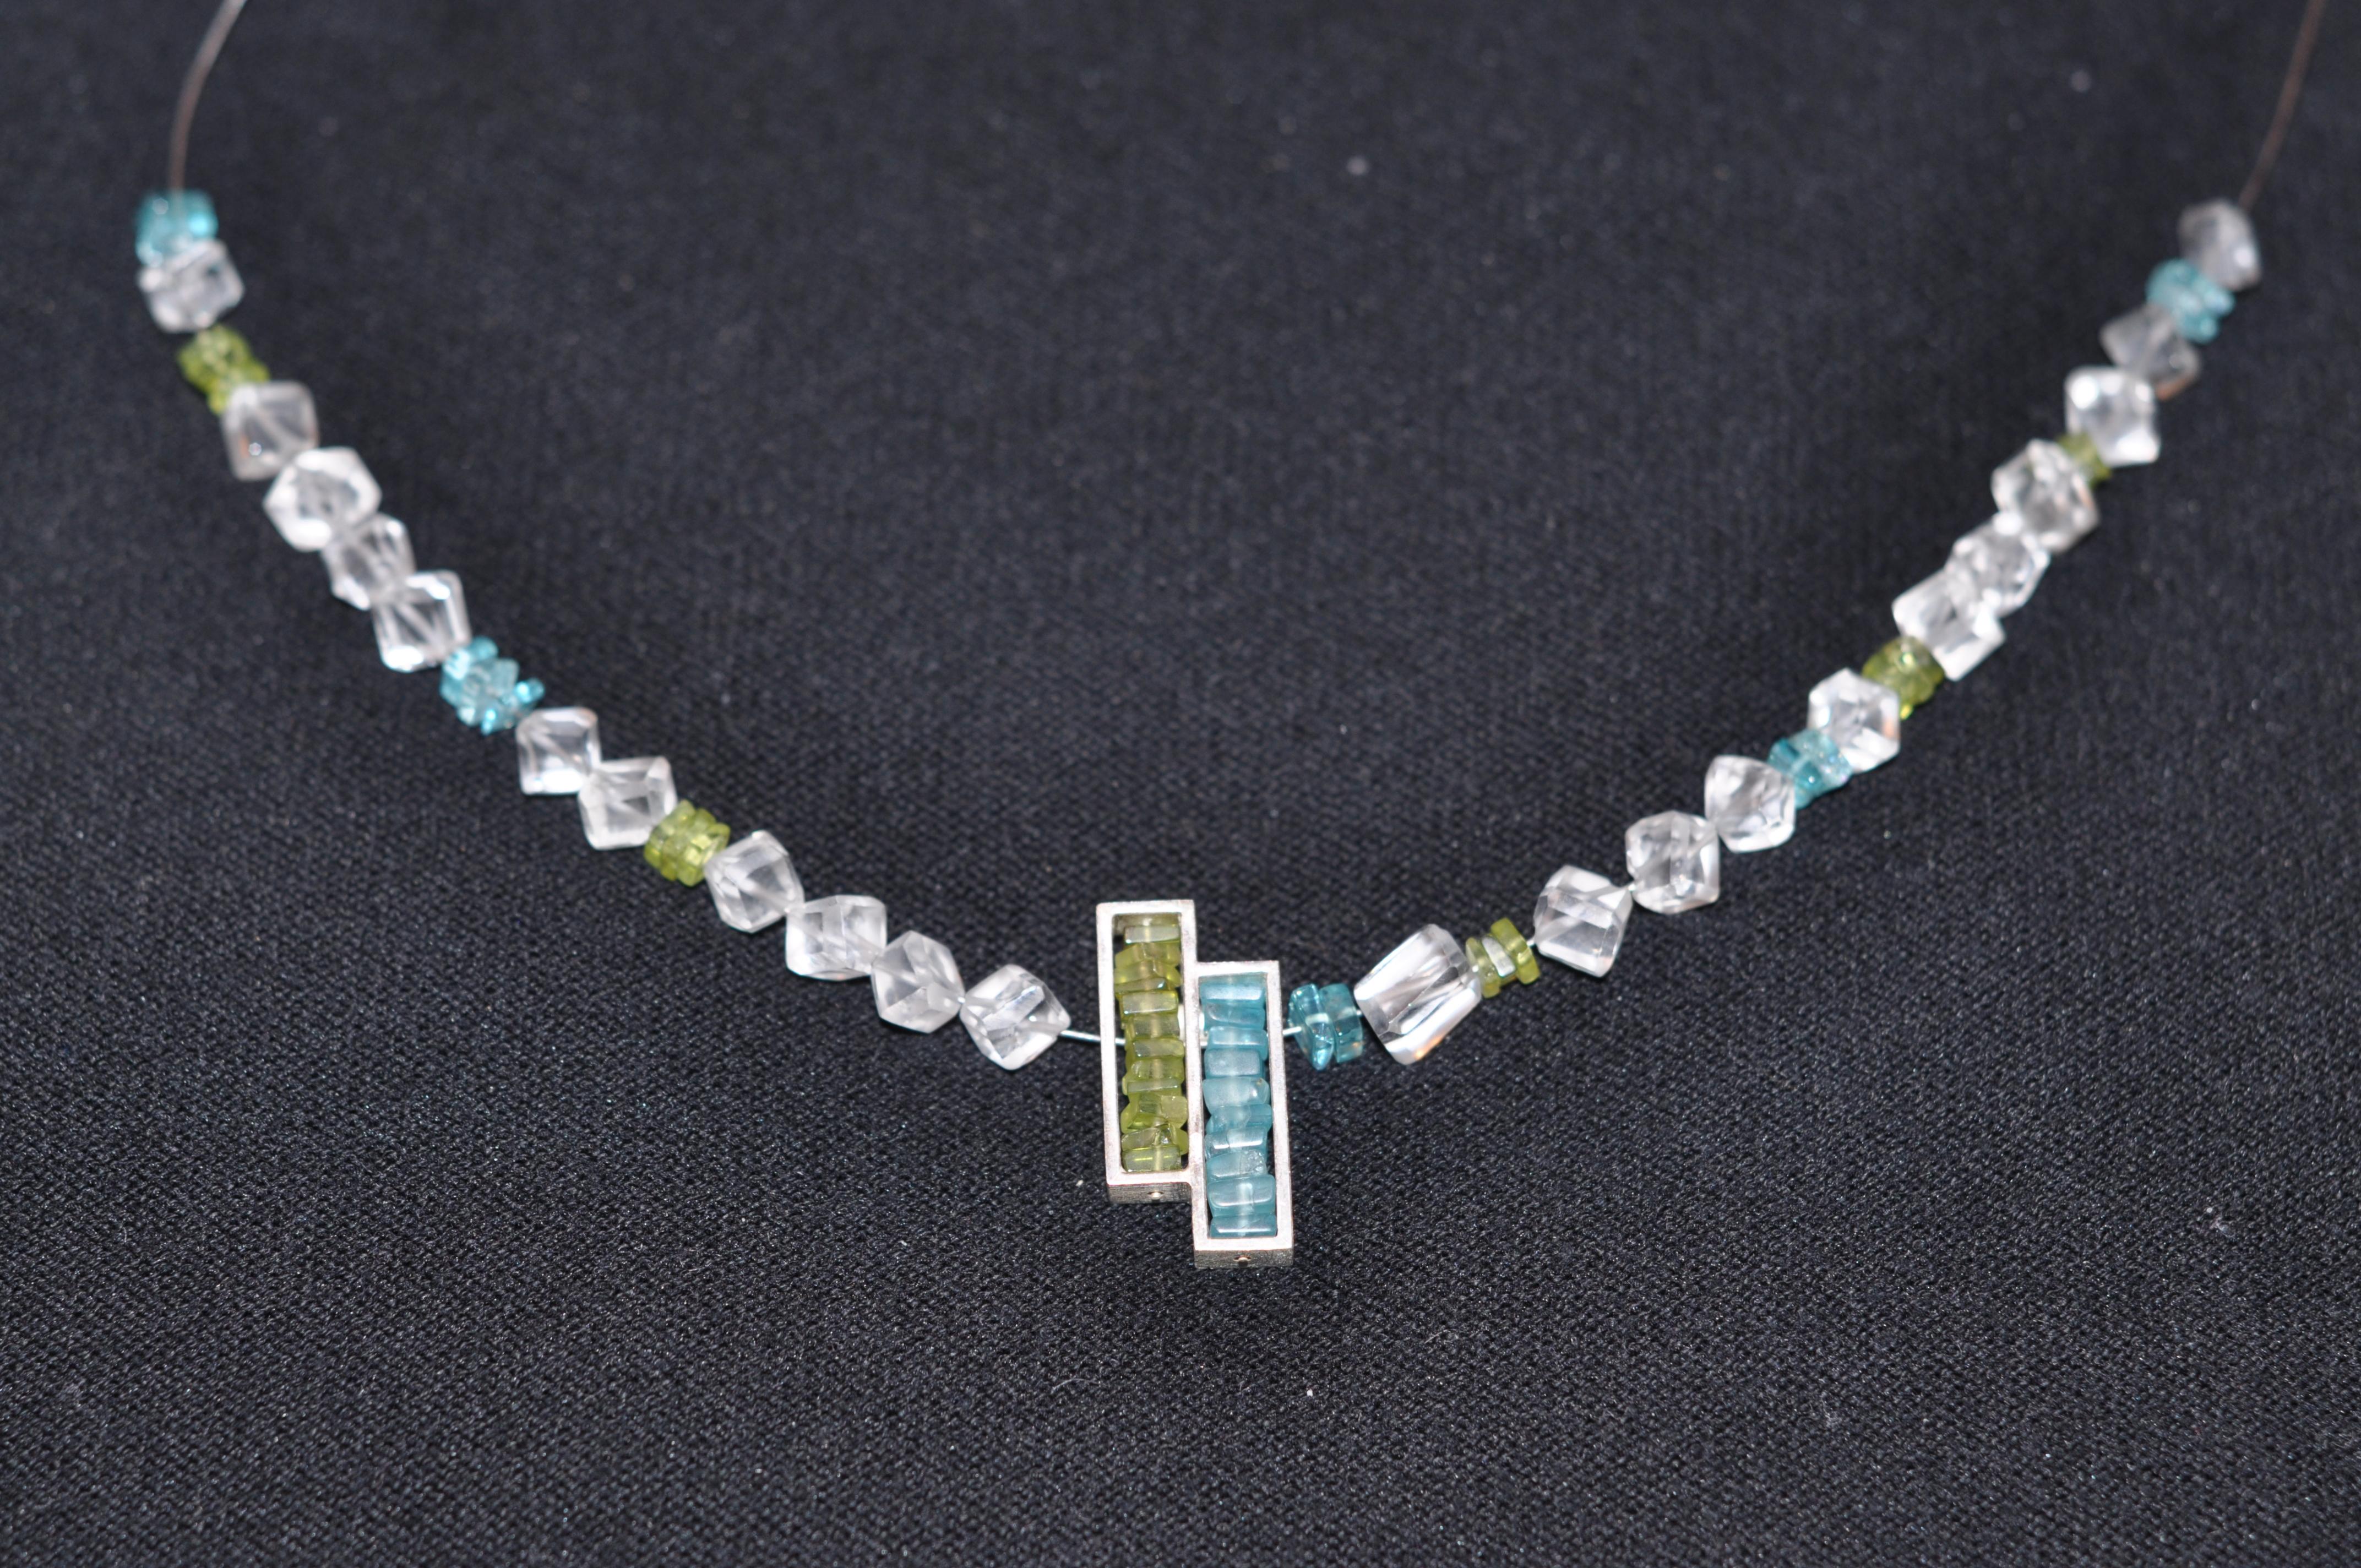 Bergkristall-Apatit-Peridot.JPG